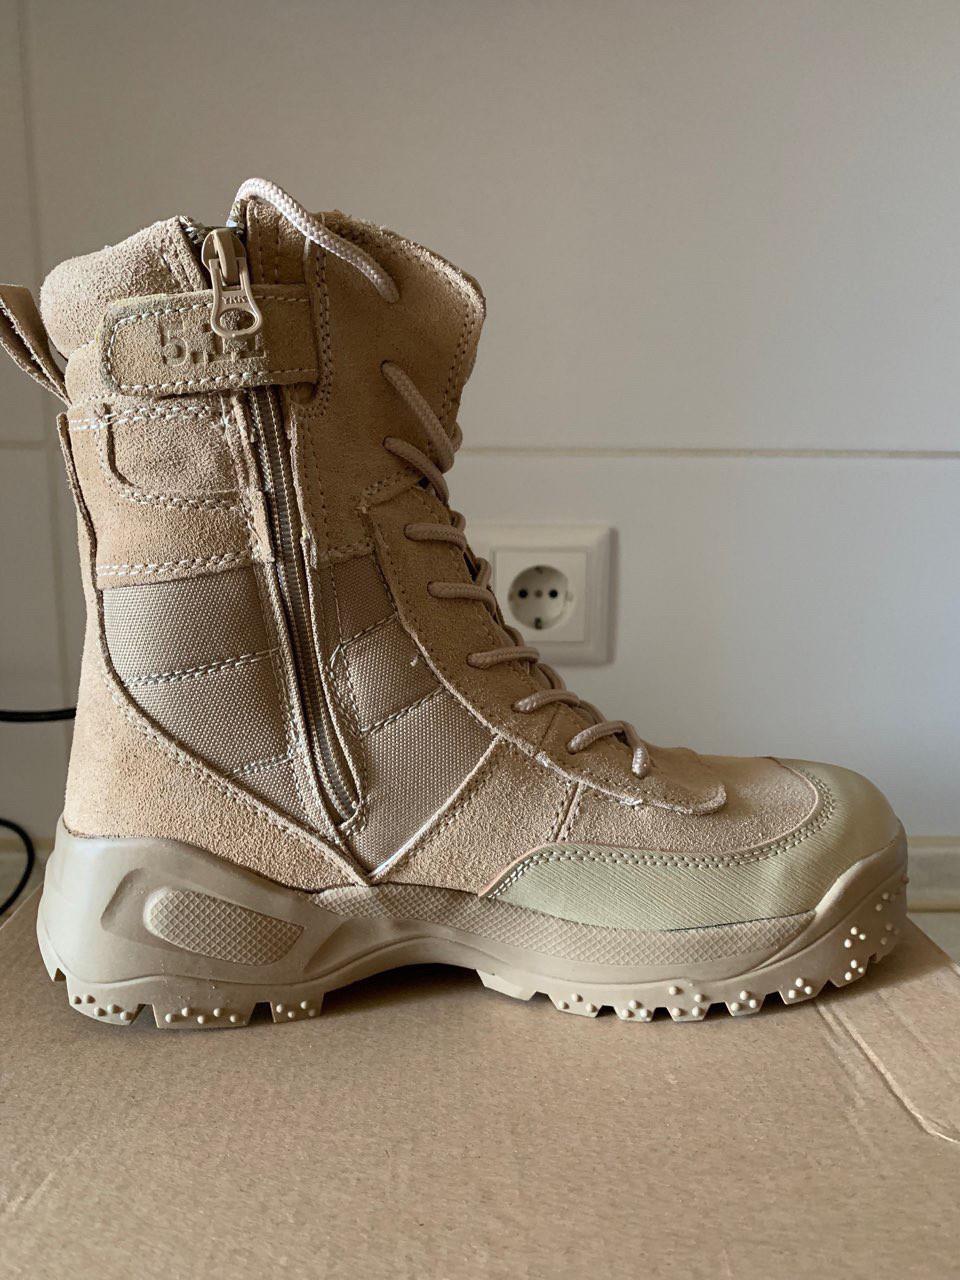 Песочные тактические ботинки берцы 5.11 technical research